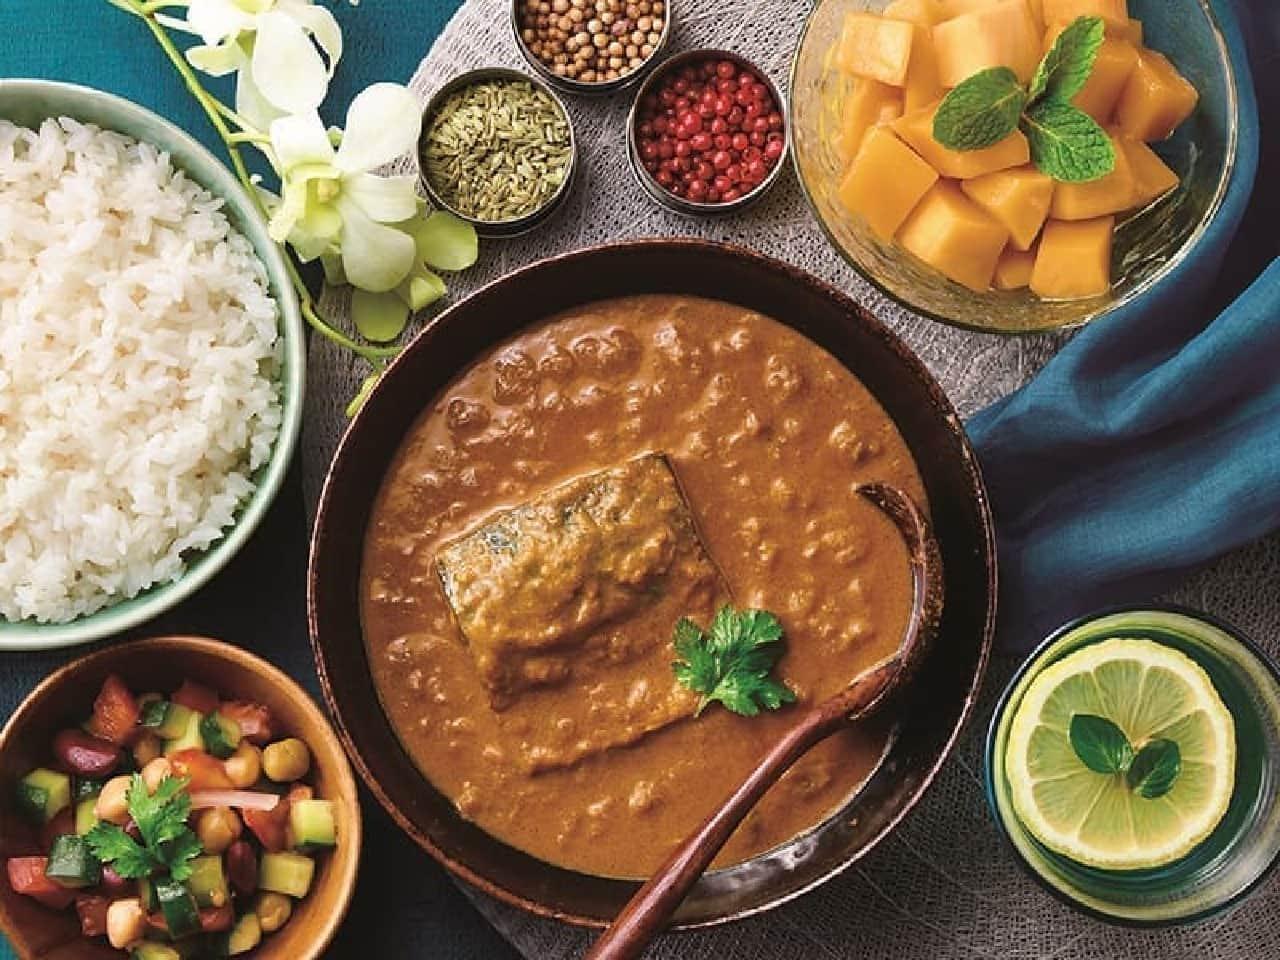 中村屋と清水食品が共同開発したサバカリーのレトルト食品